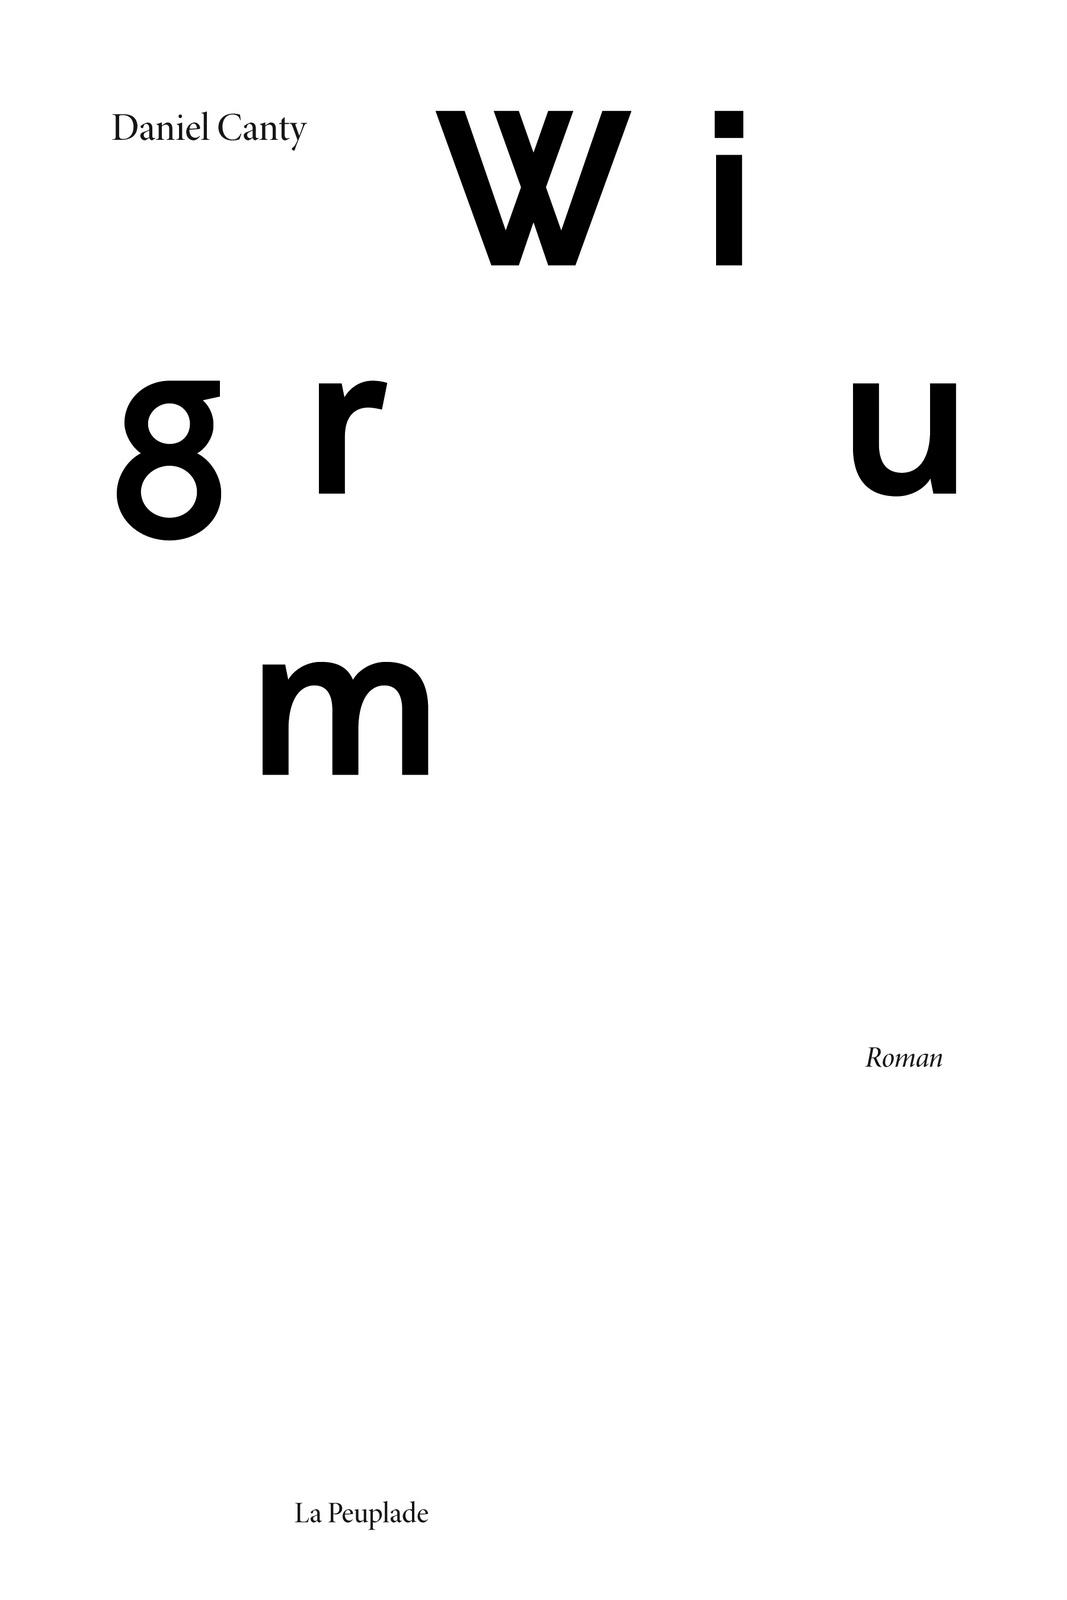 Wigrum-C1_300dpi